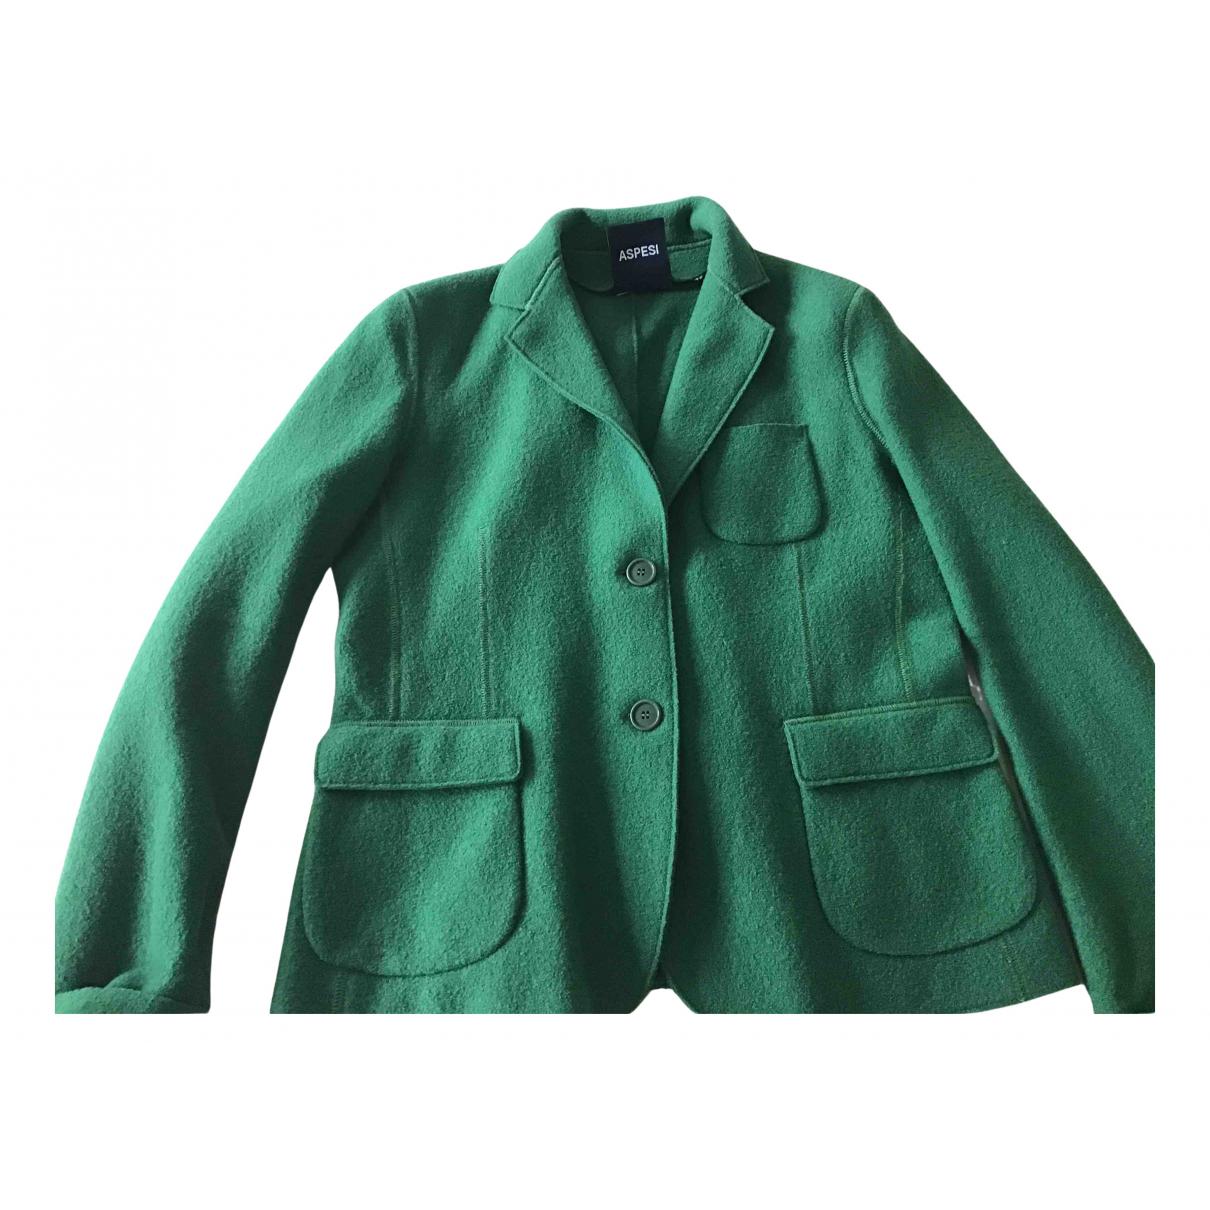 Aspesi - Veste   pour femme en laine - vert